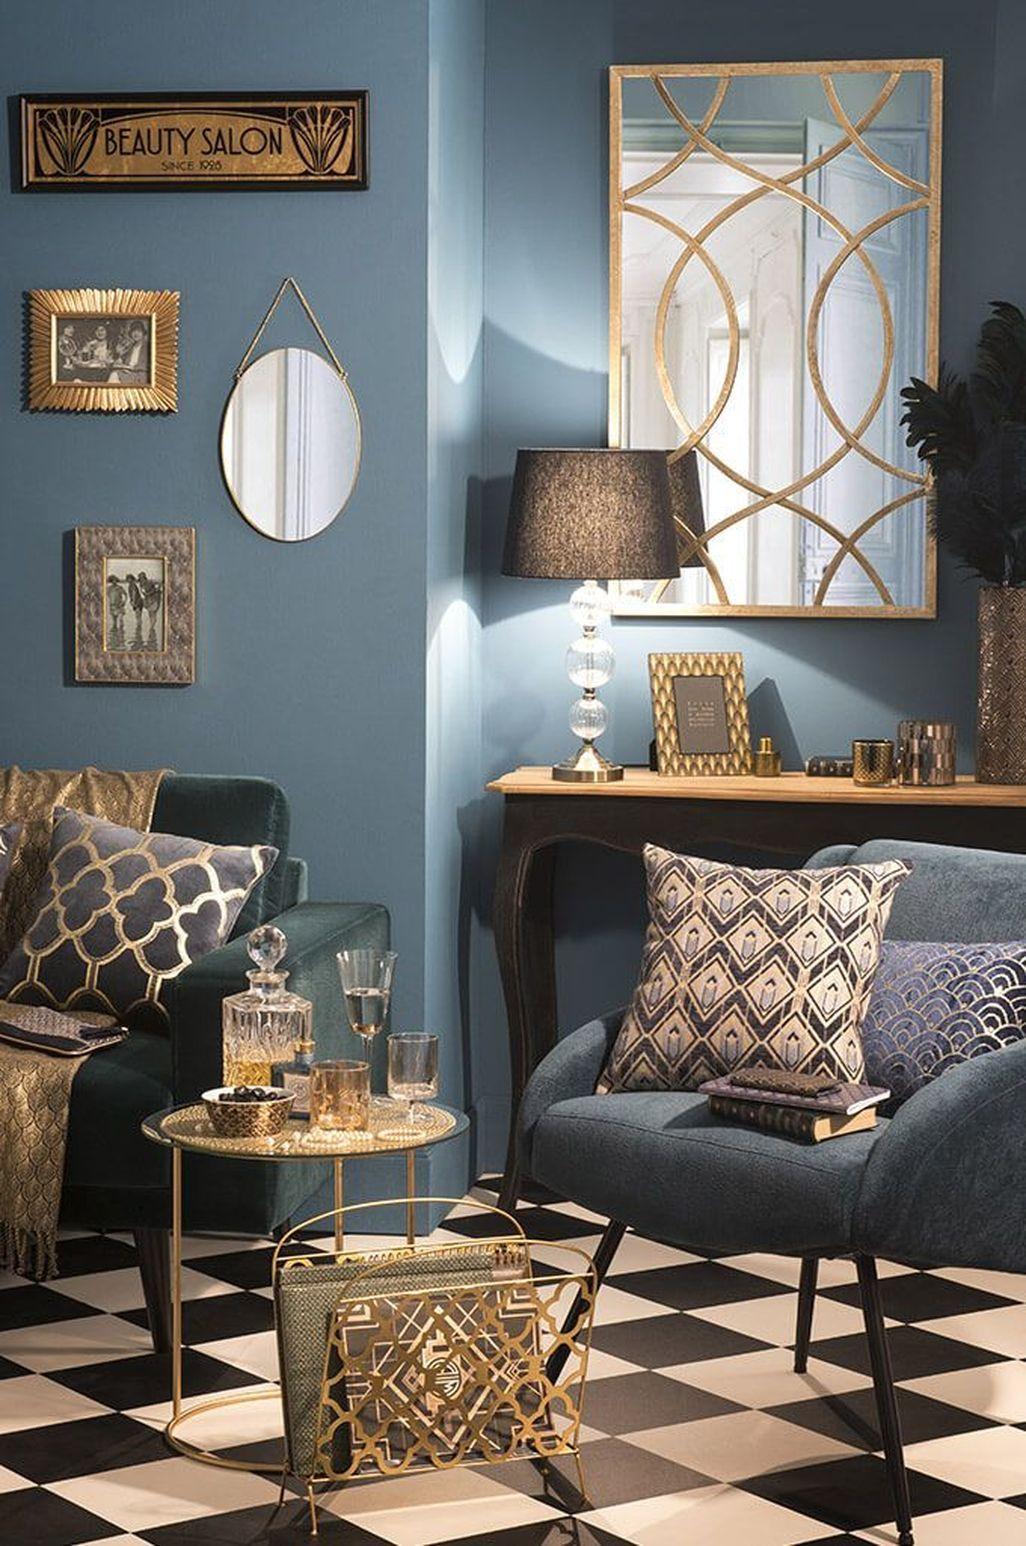 43 Lovely Blue Livigroom Ideas Art Deco Living Room Art Deco Home Art Deco Interior Design